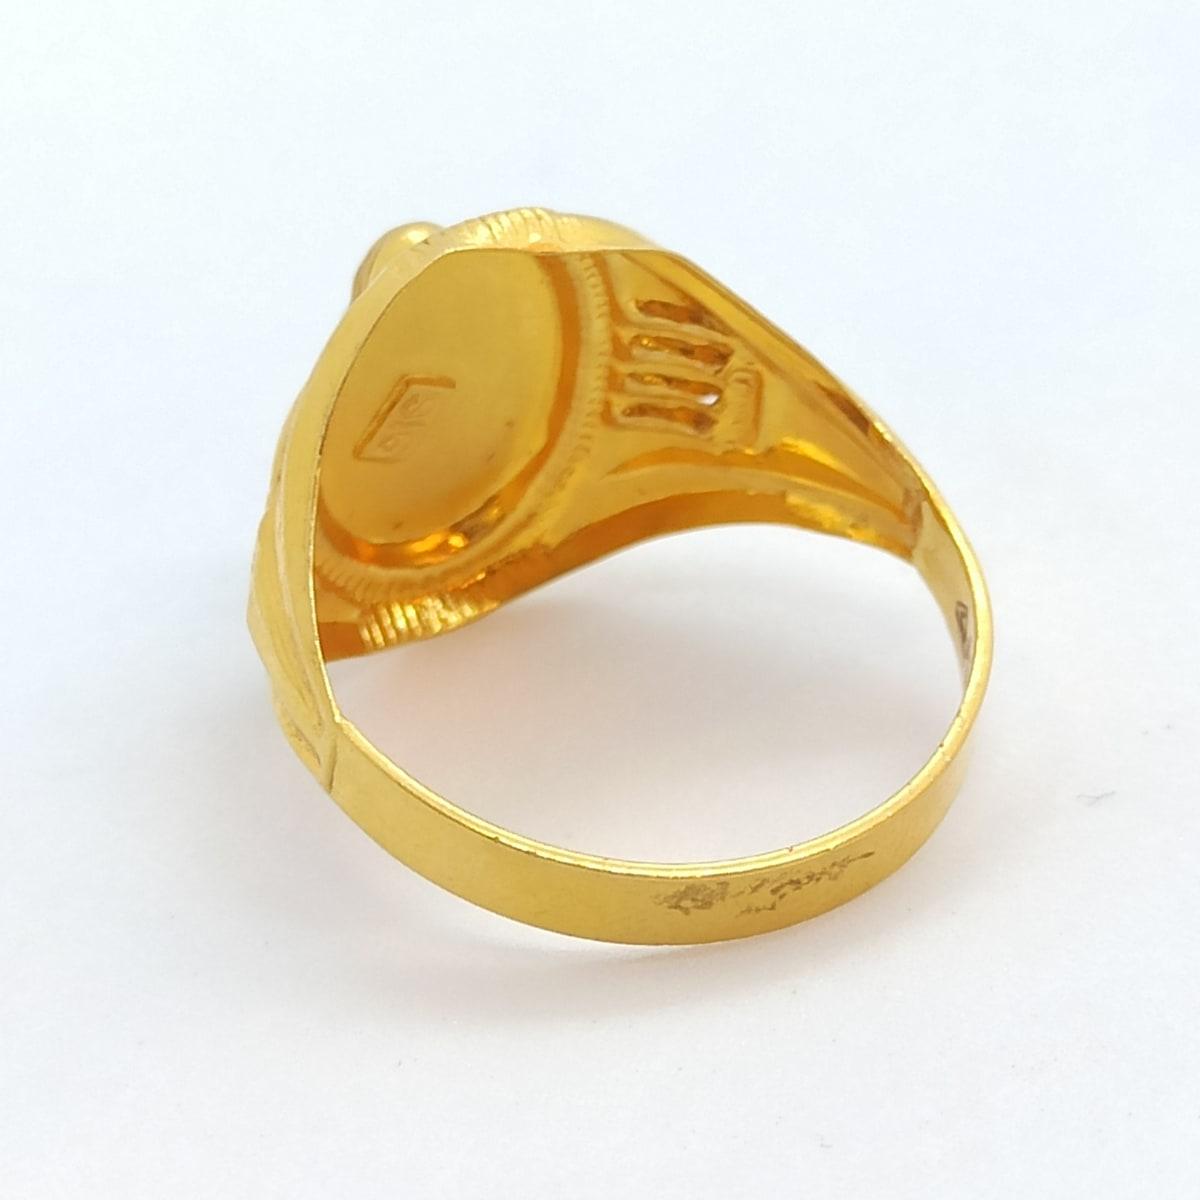 Sai Baba Gold Ring